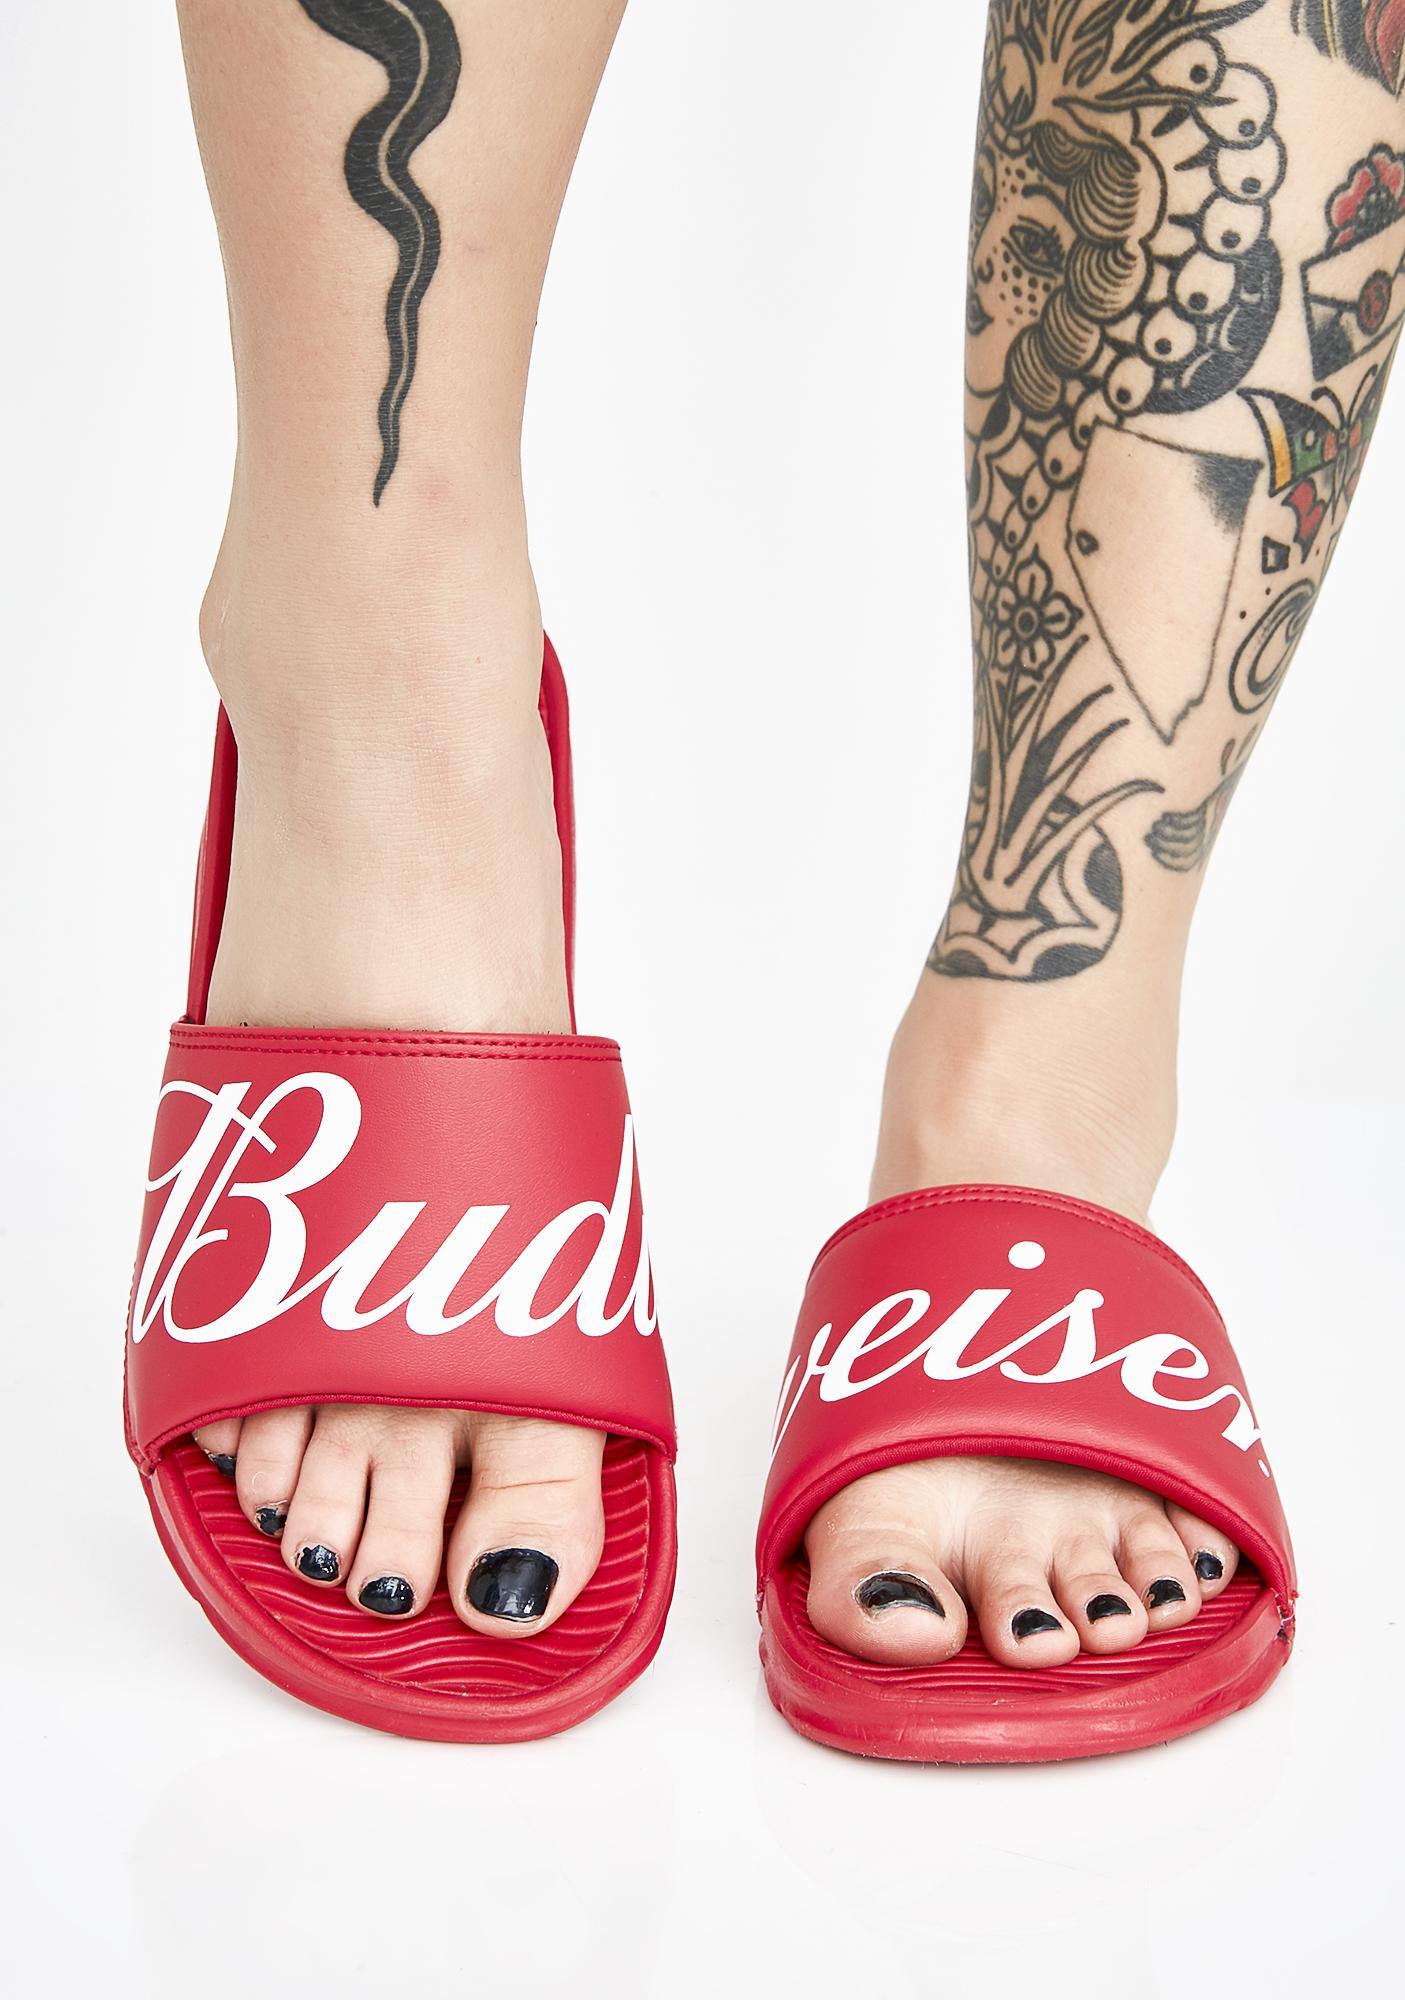 5a717141a54 HUF x Budweiser Slides